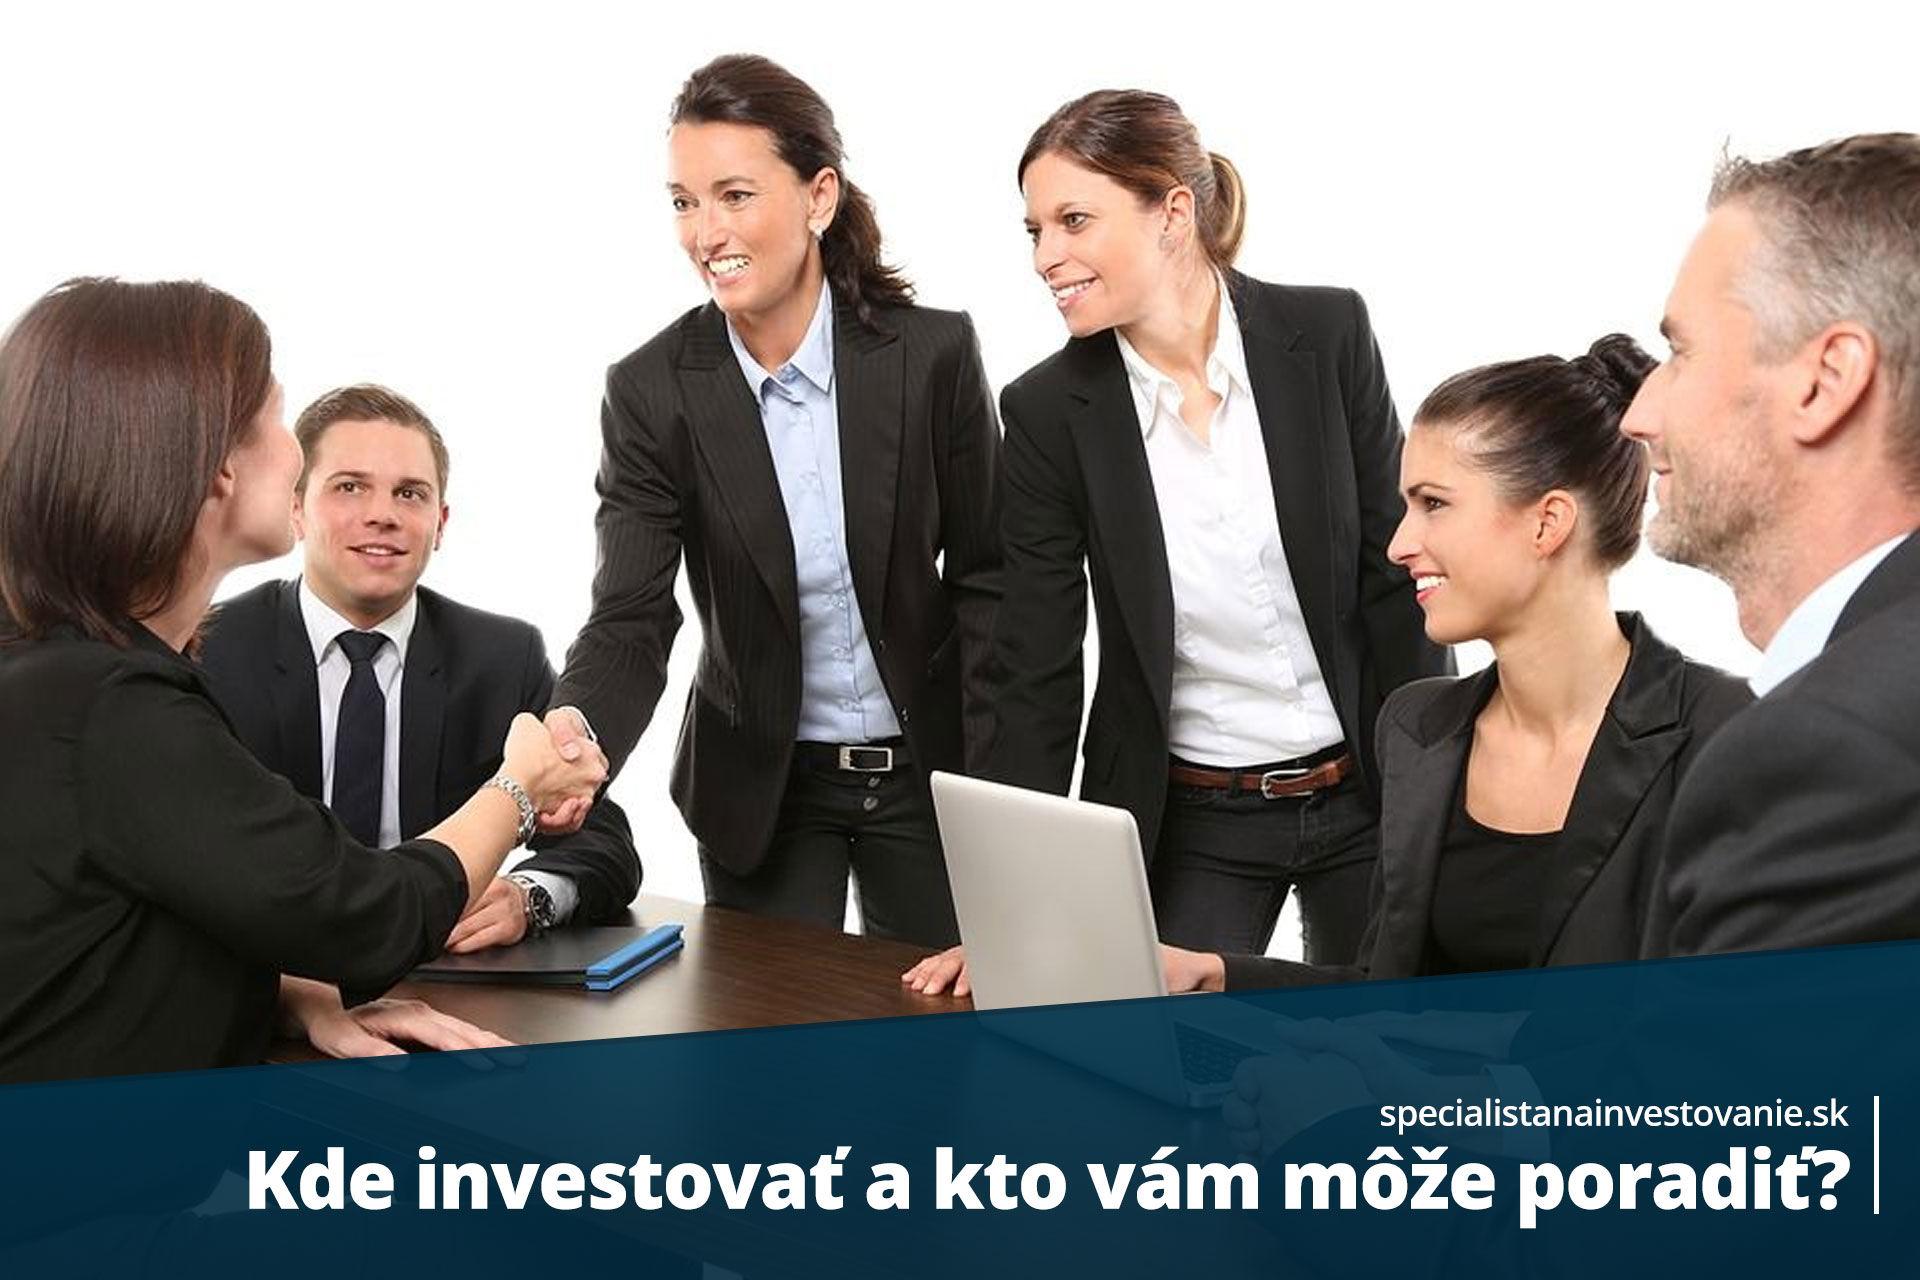 kto poradí pri investovaní